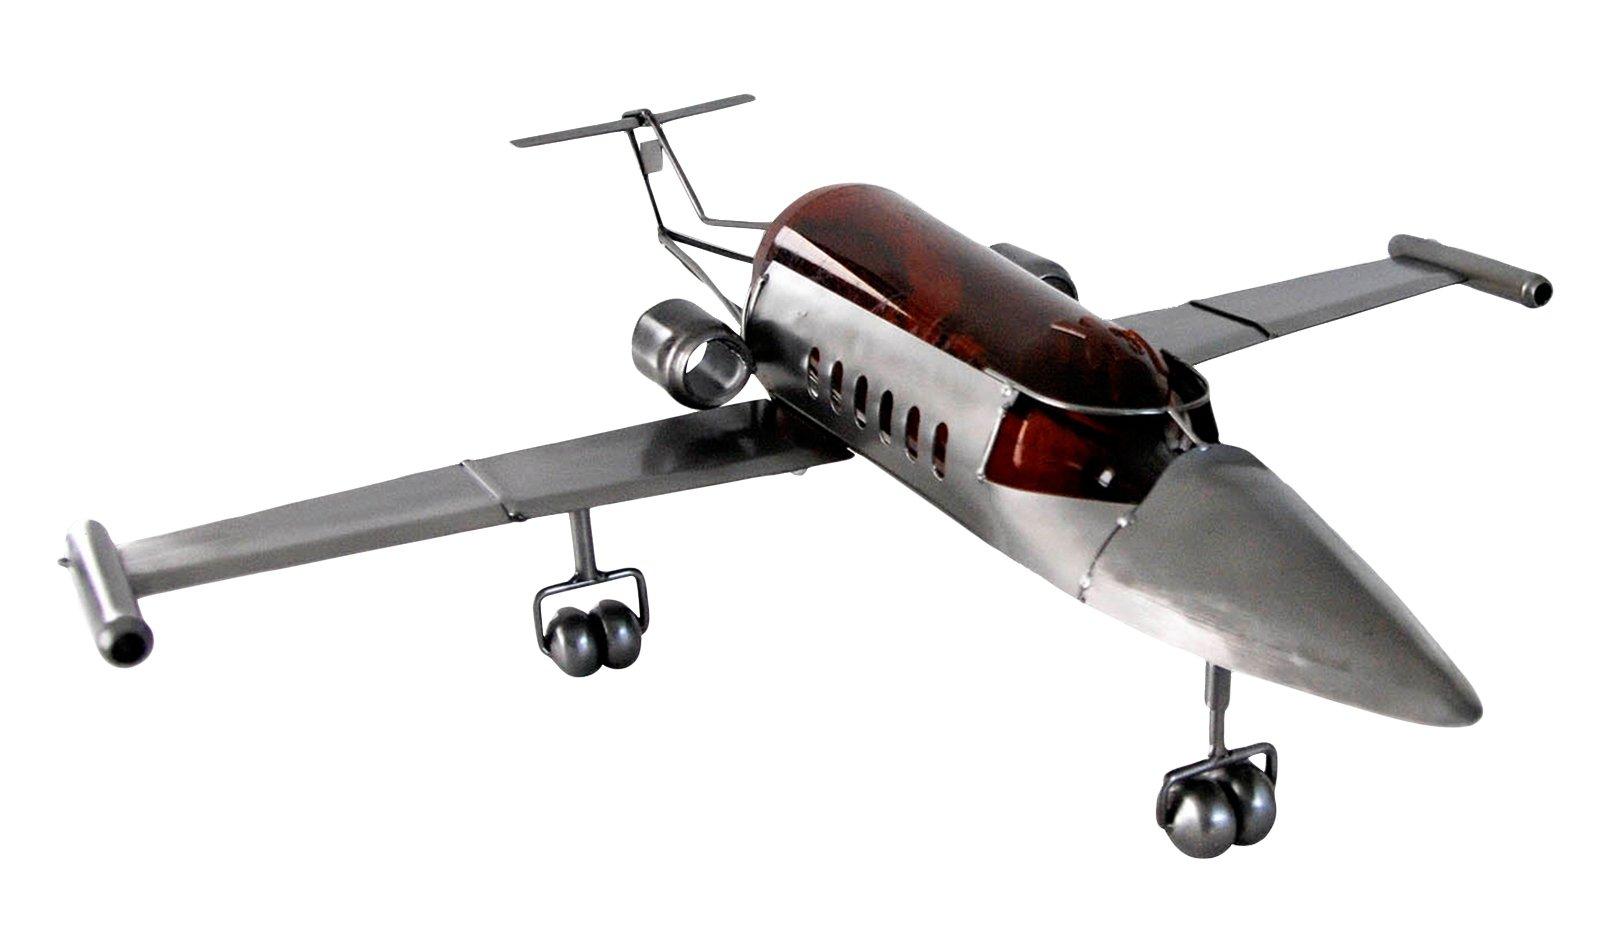 H & K Sculptures Jet Airplane Wine Bottle/Wine Caddy, null